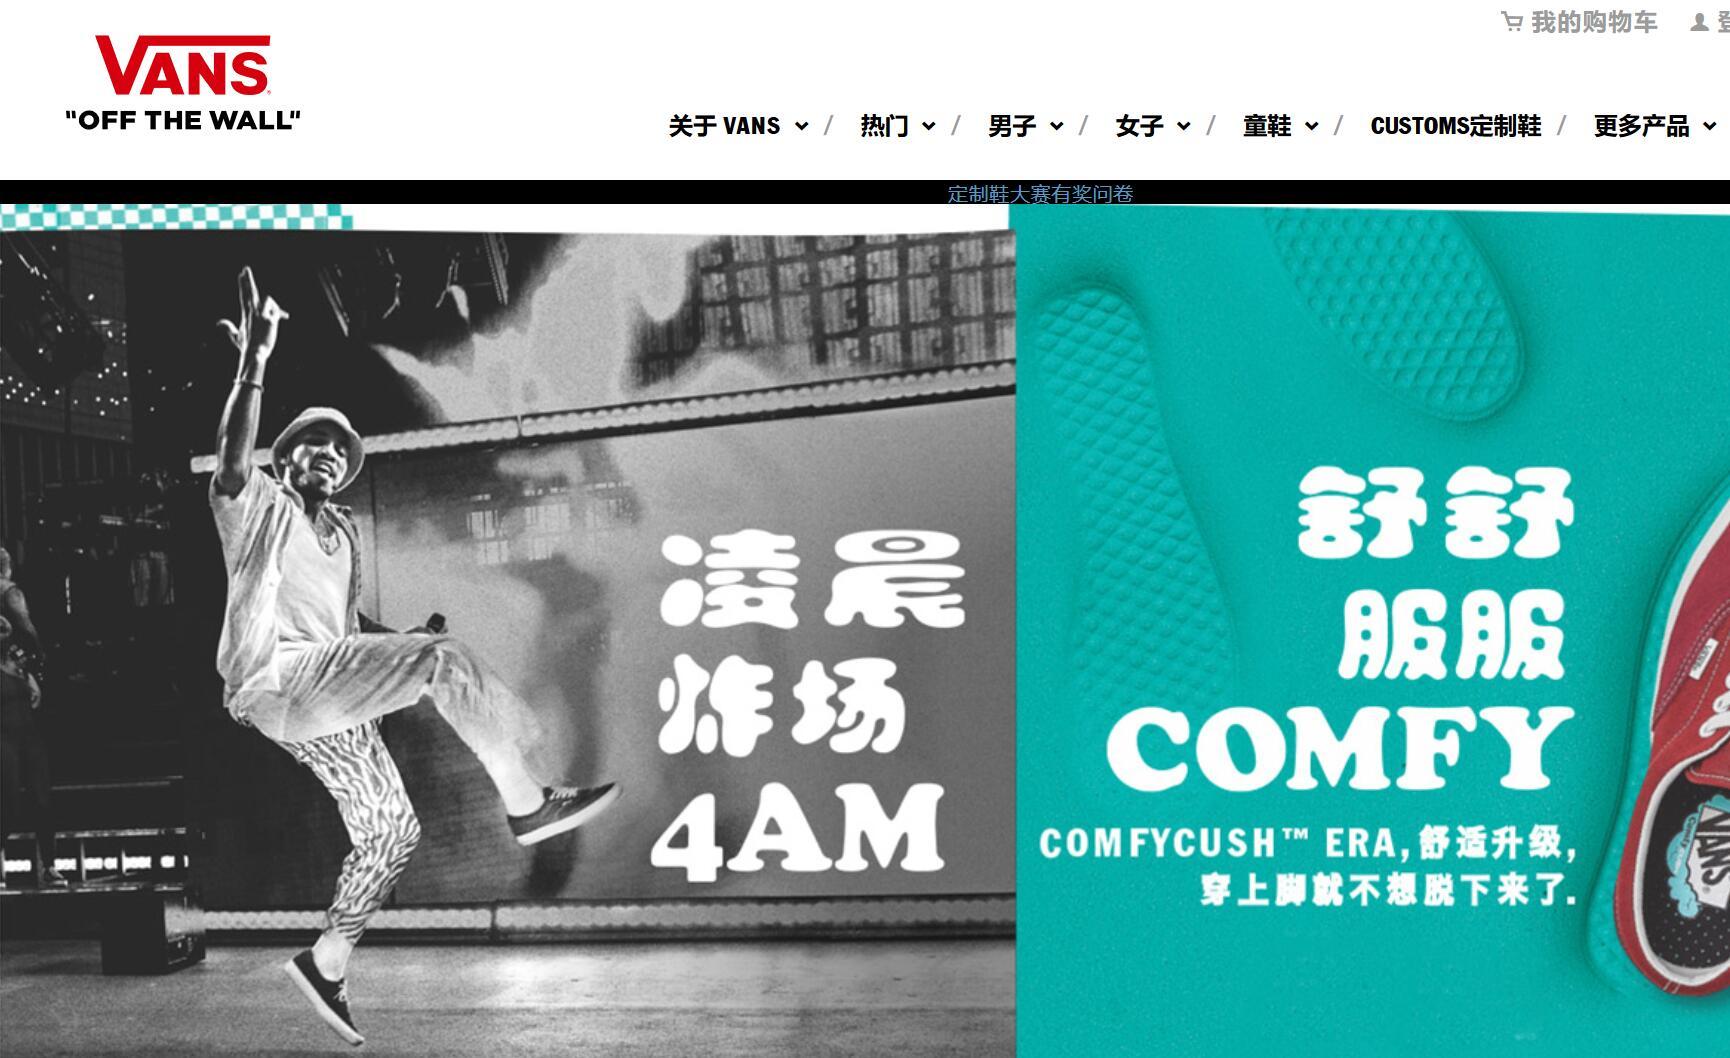 美国VF集团最新季报:中国市场强劲增长未受香港太多影响,核心品牌 Vans 增长放缓